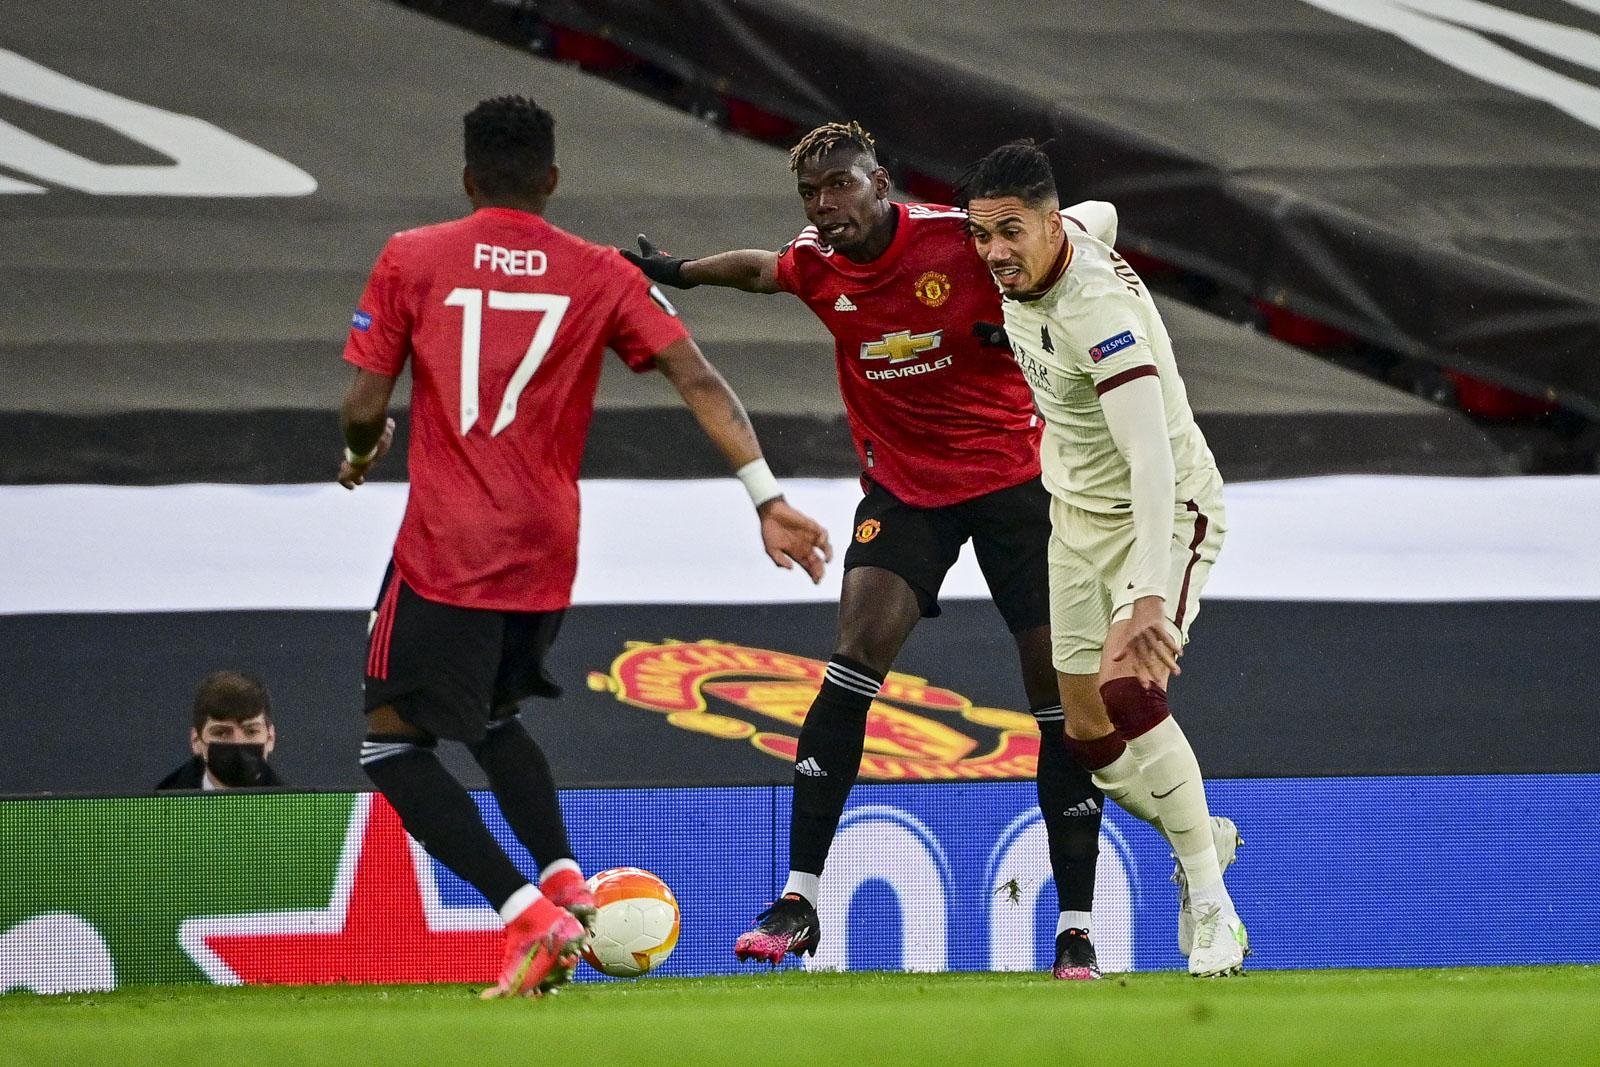 مان يونايتد ضد روما (7)